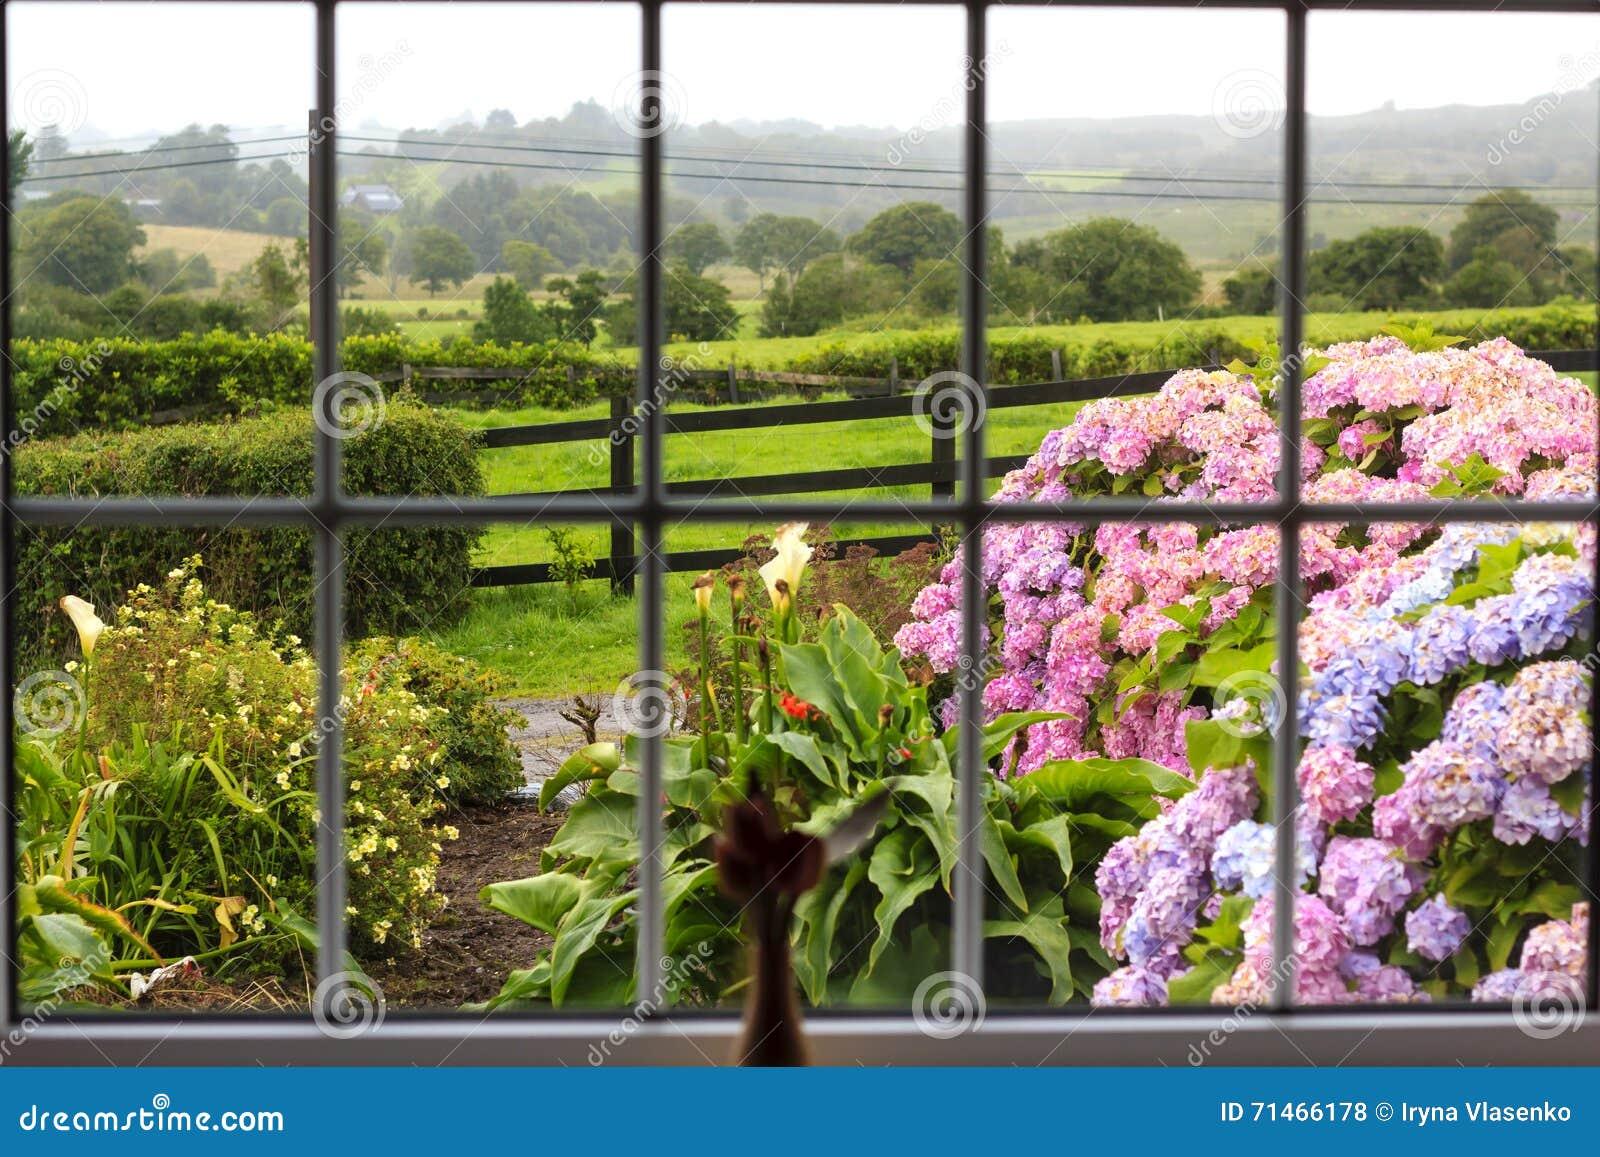 Giardino irlandese attraverso la finestra fotografia stock immagine di irlanda verde 71466178 - La finestra sul giardino ...